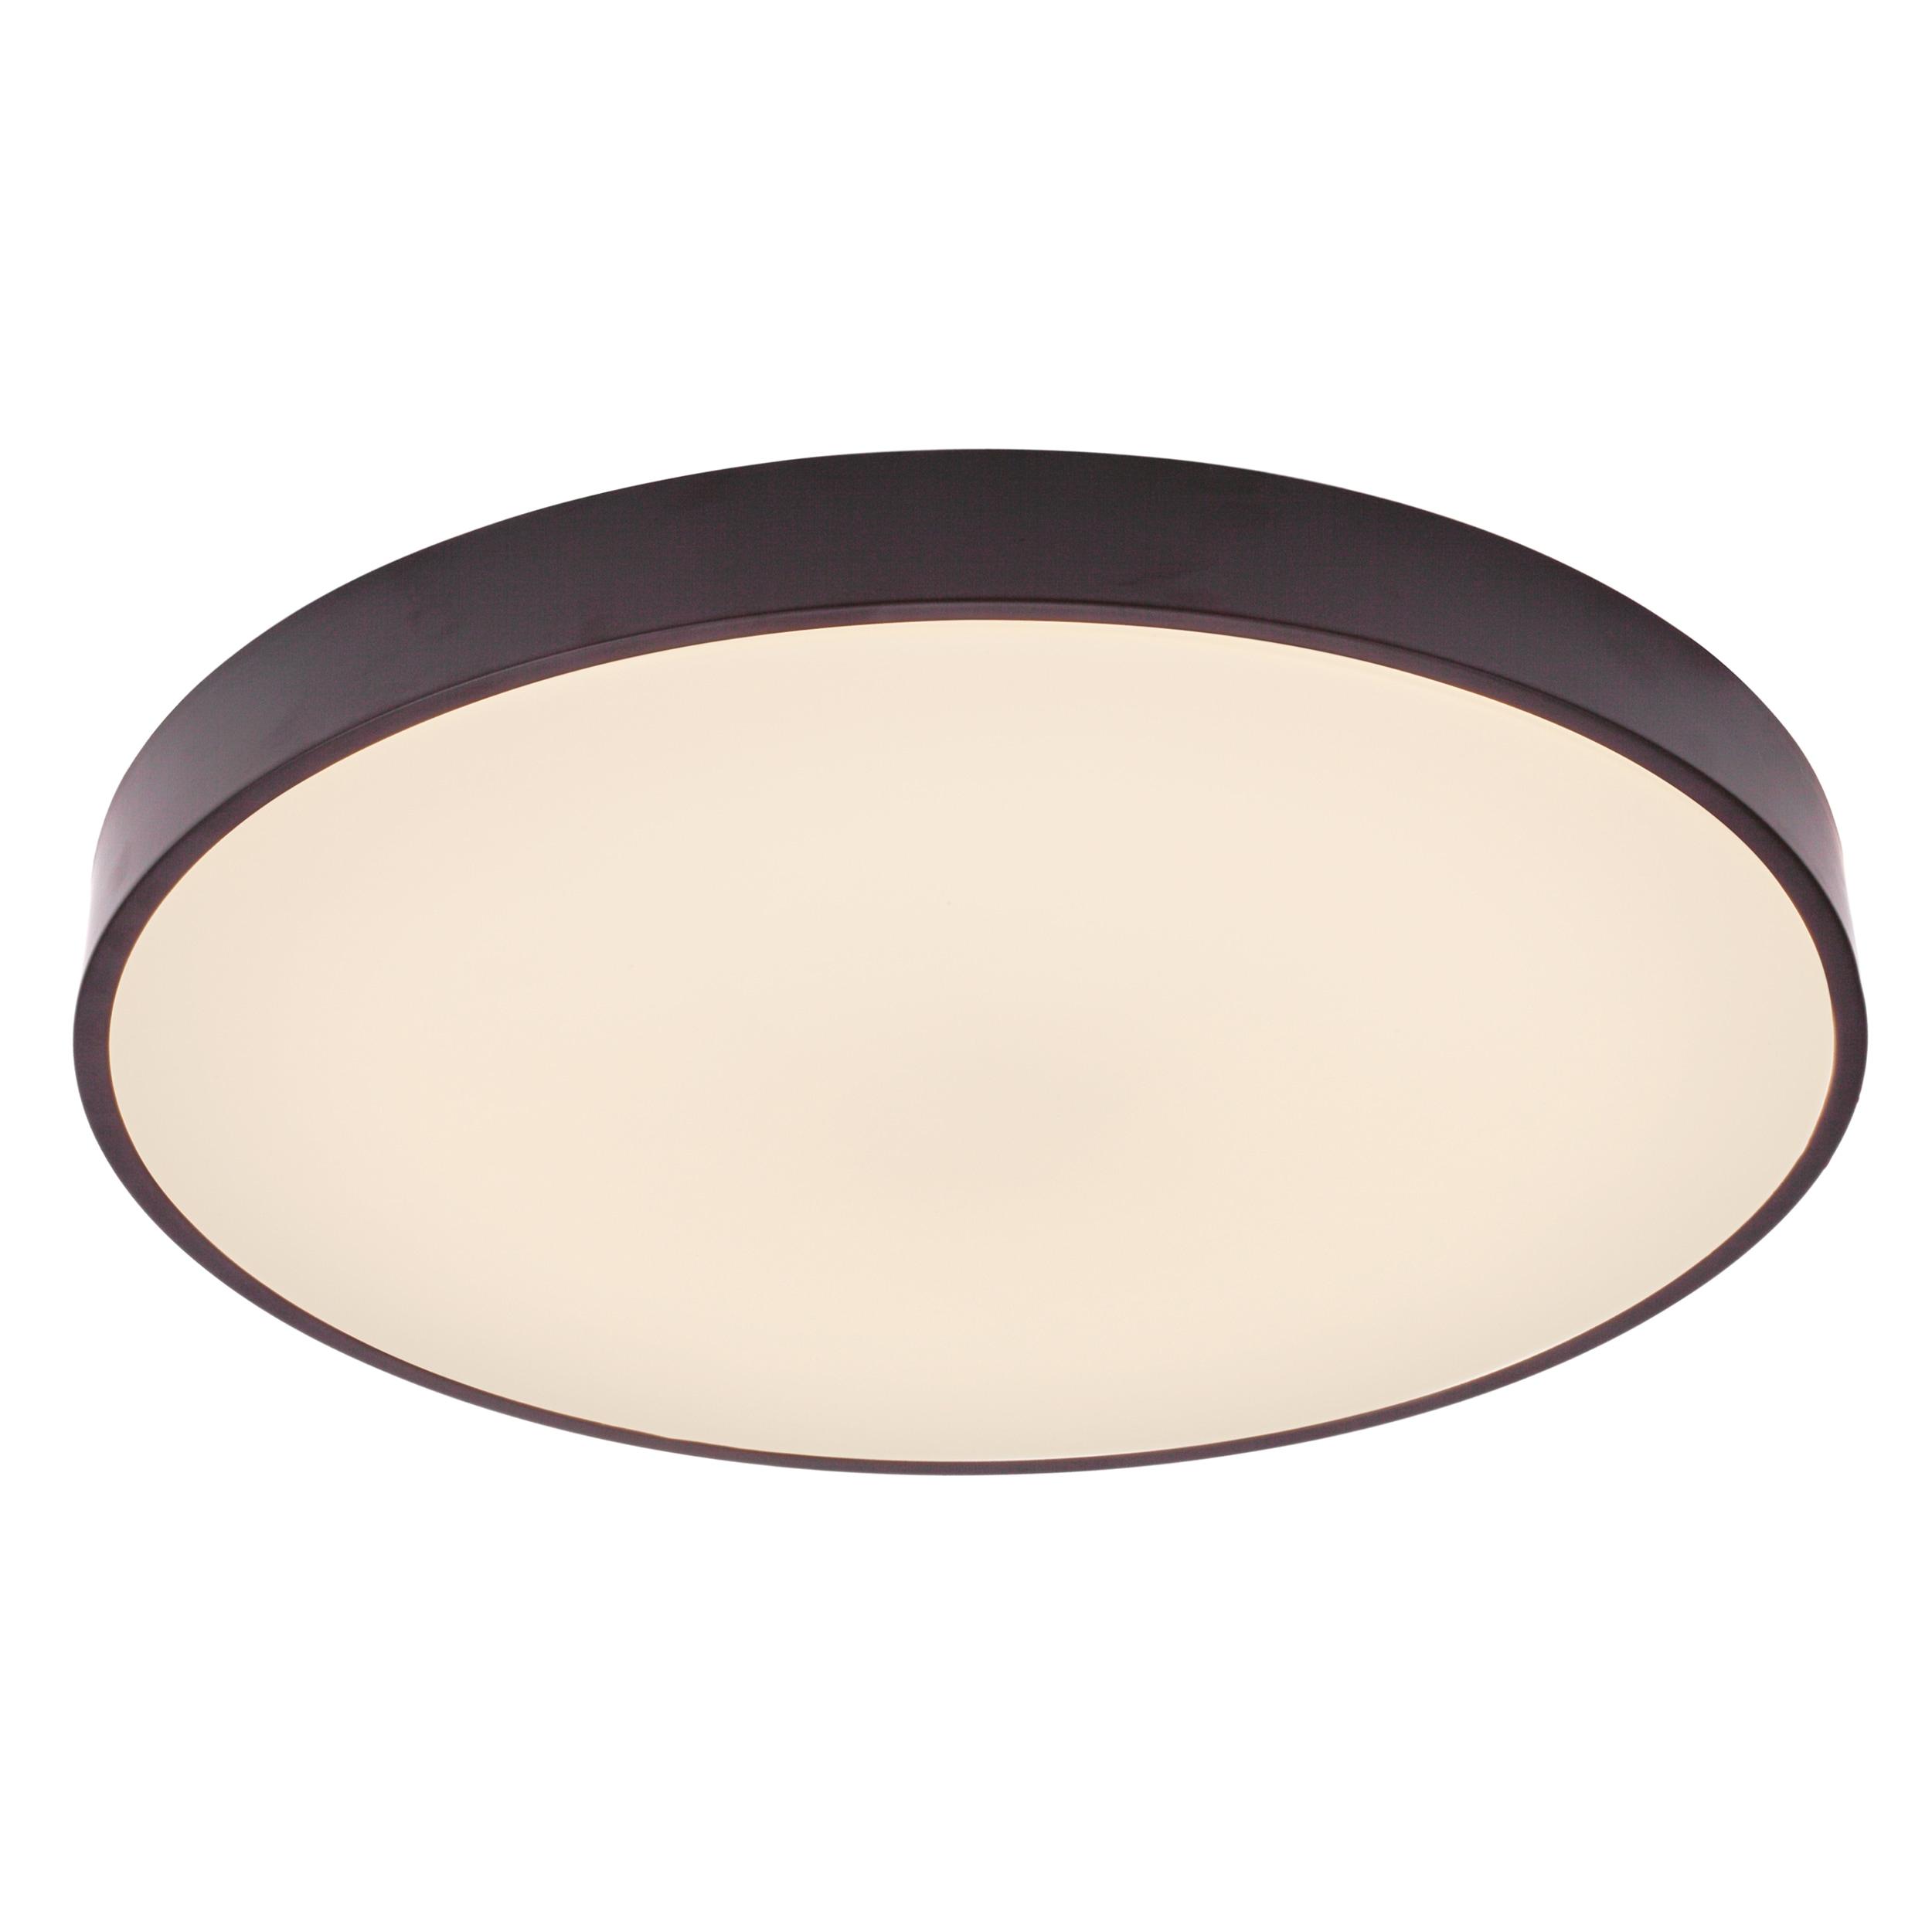 Brilliant Leuchten Slimline LED Deckenleuchte 33cm weiß/schwarz